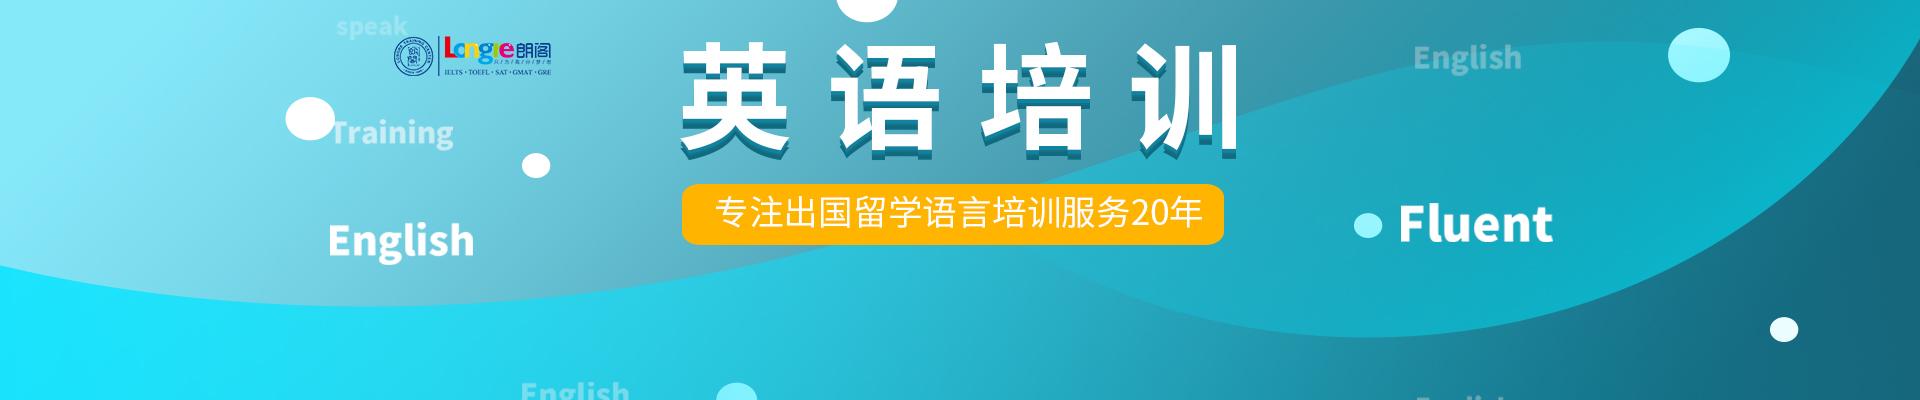 广州越秀区朗阁教育培训机构